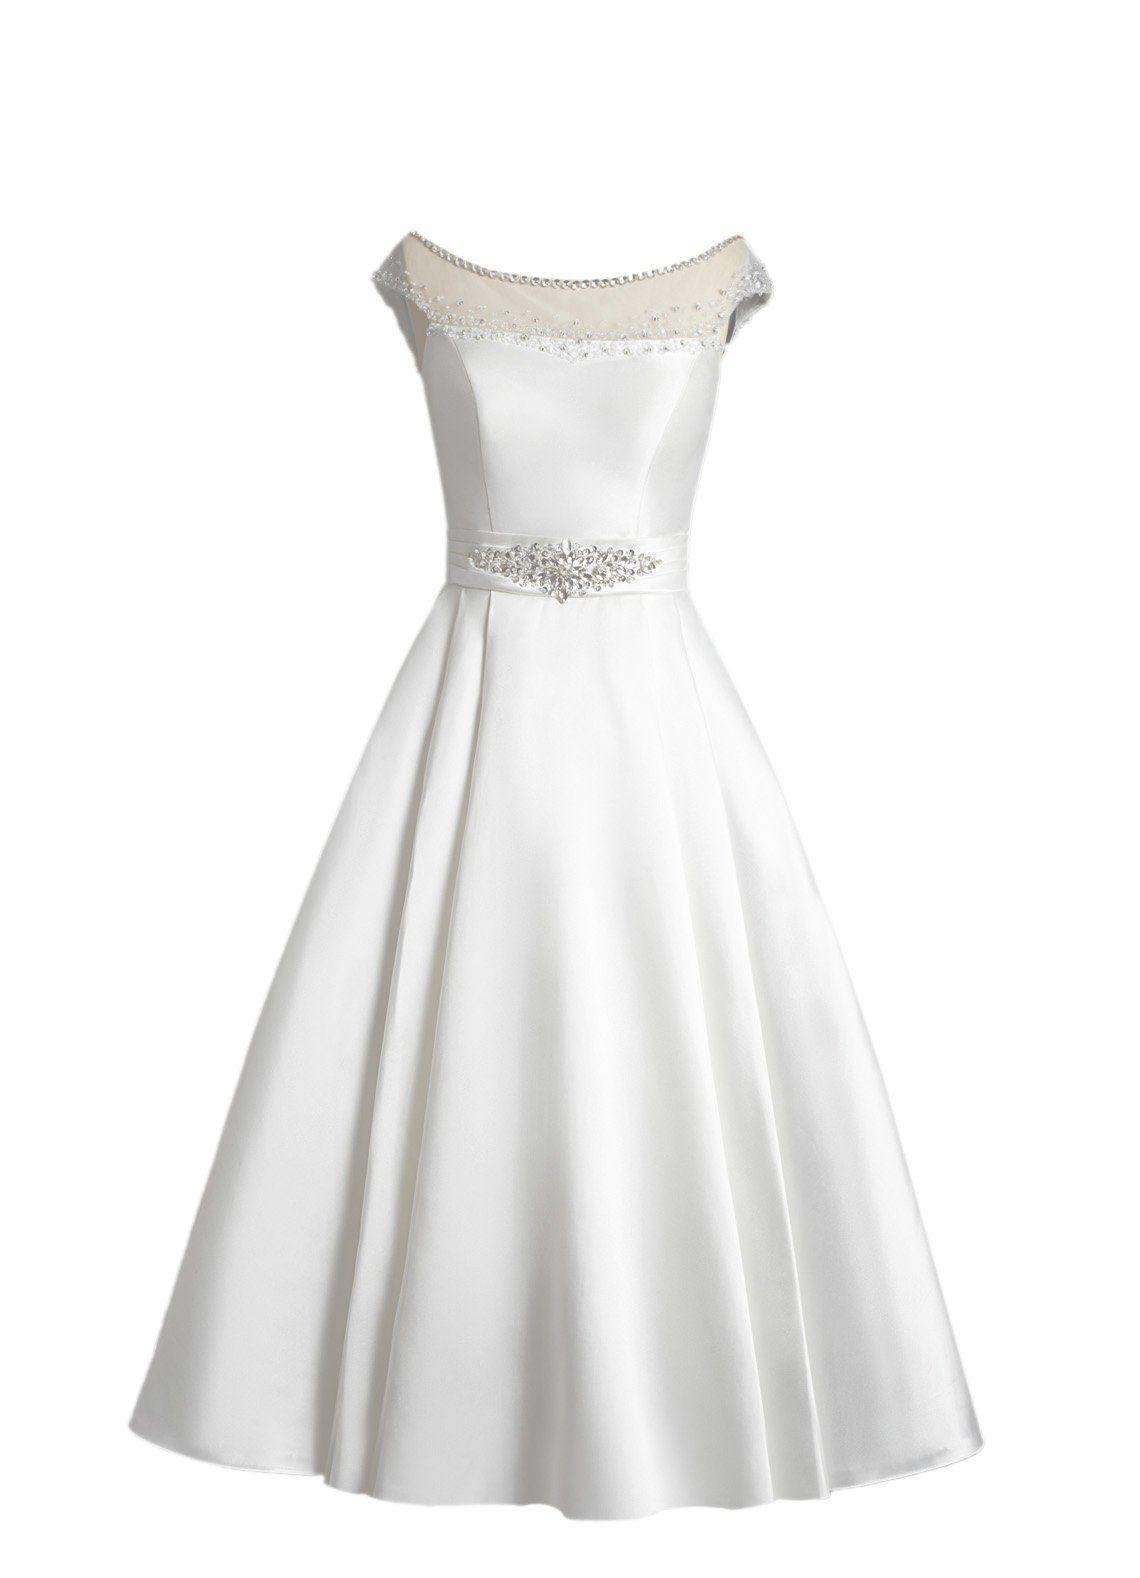 Tidetell elegant short off the shoulder wedding dresses with